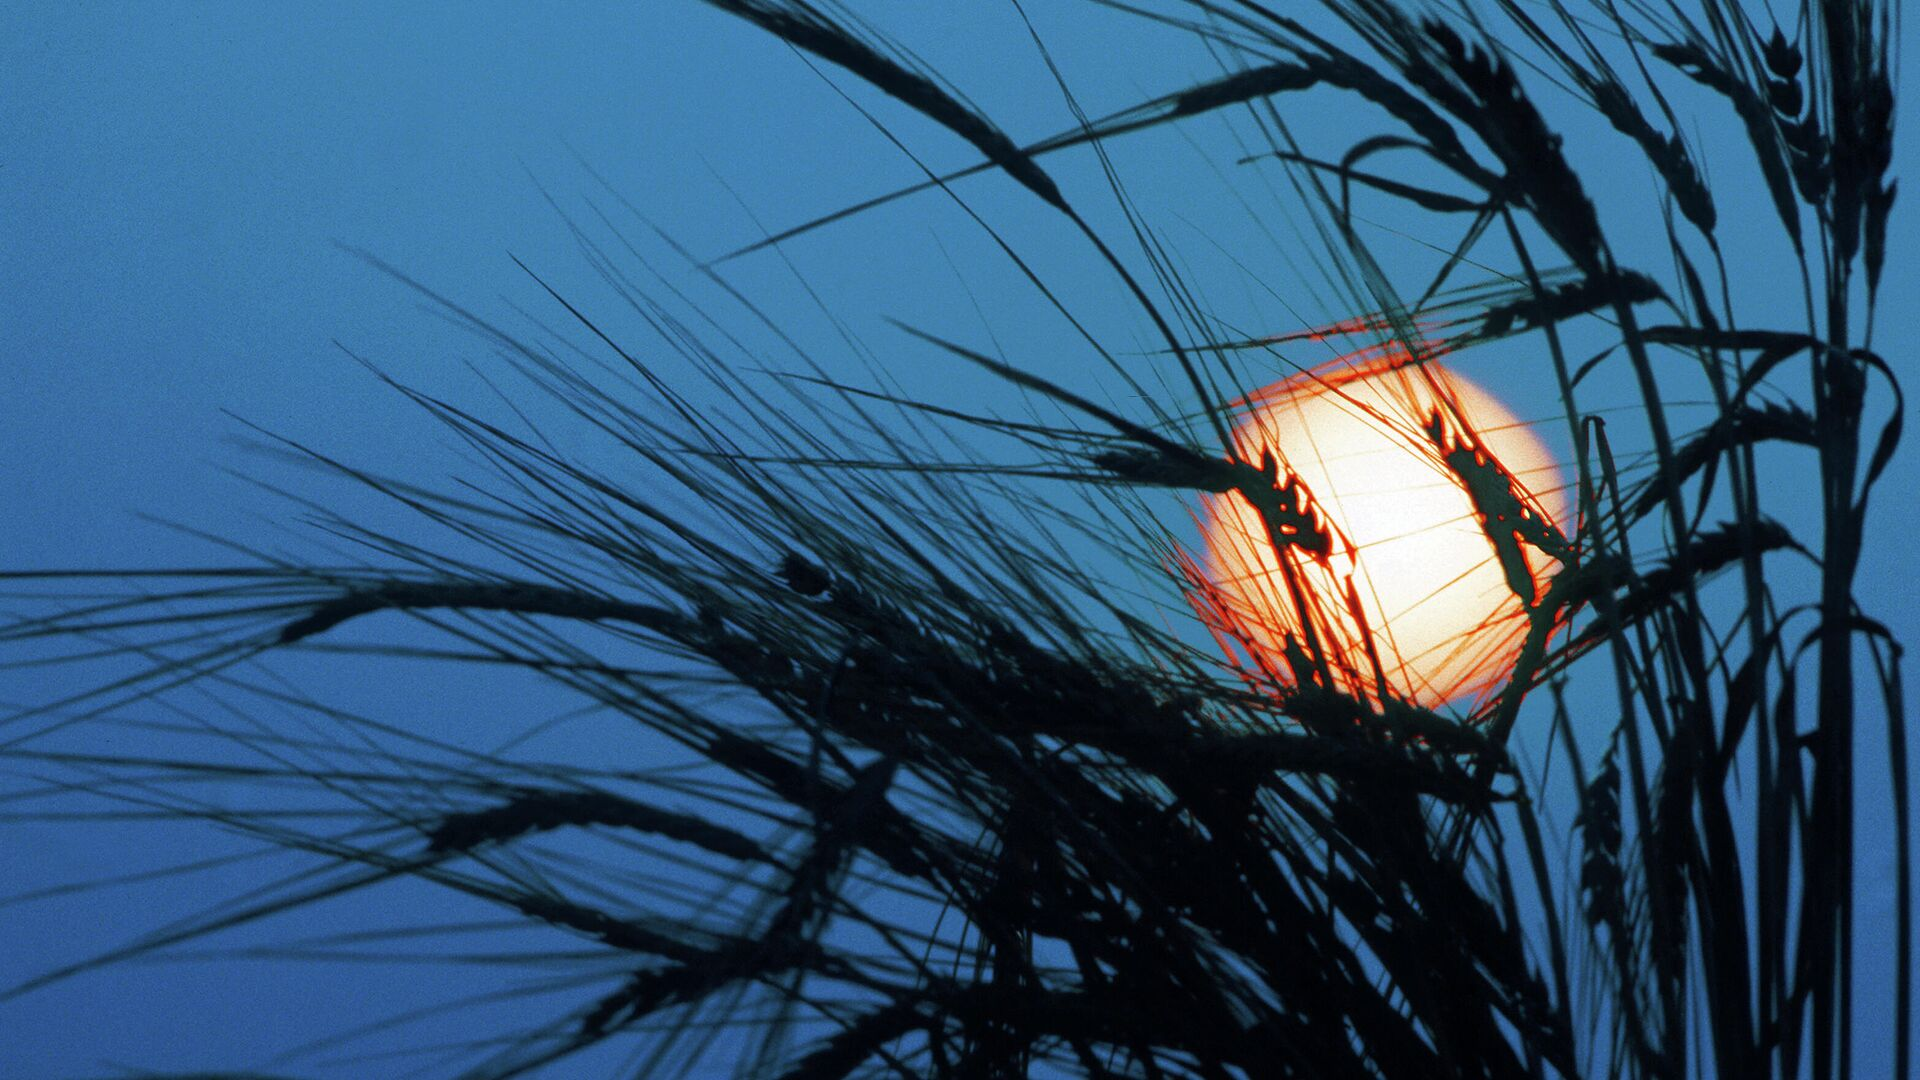 Луна освещает колоски на ржаном поле - Sputnik Латвия, 1920, 09.07.2021